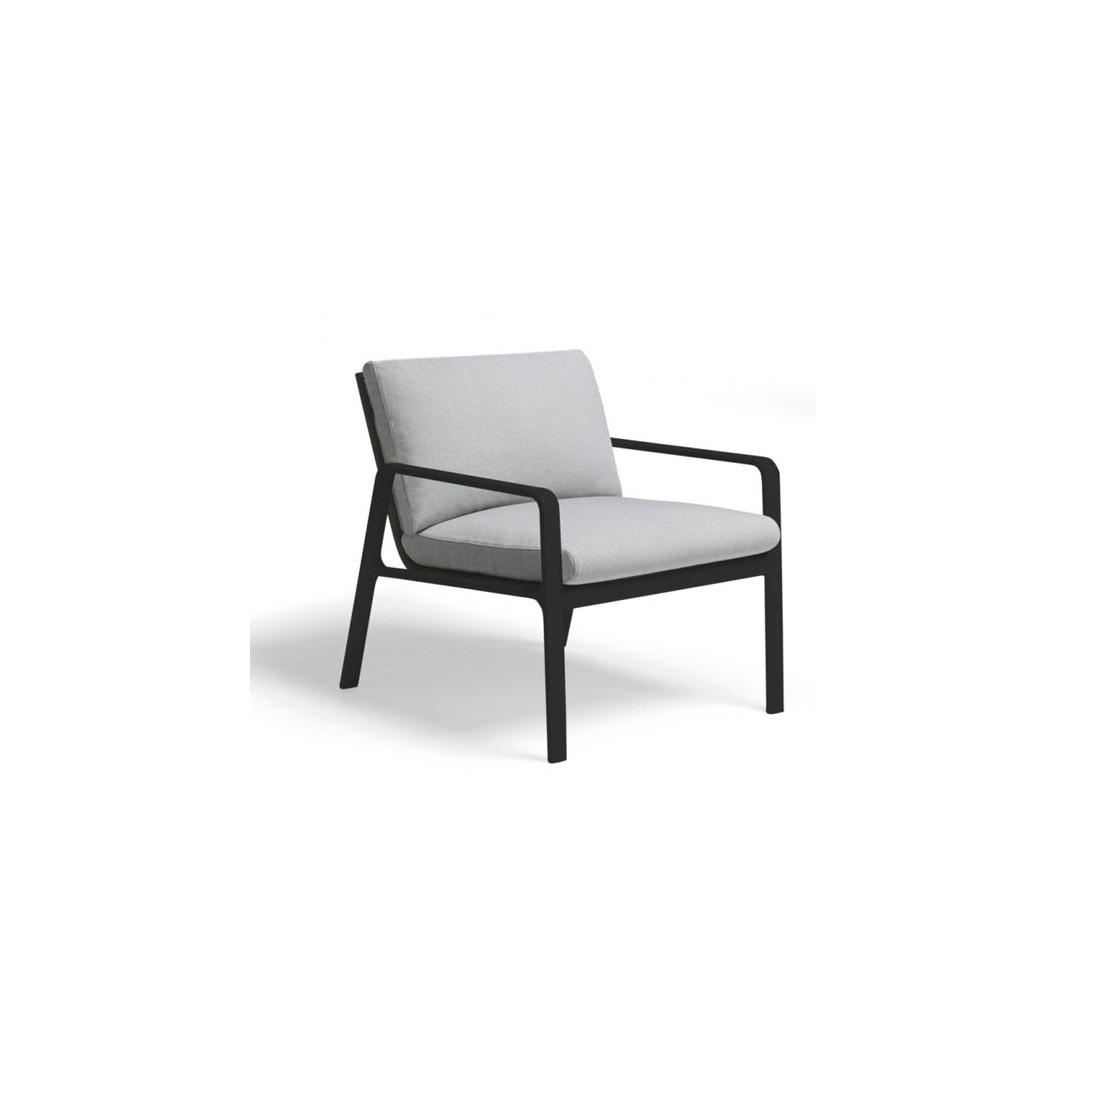 Fauteuil club PARK LIFE - KETTAL Confort Jardin Couleur Kettal - Cadre et  assis blanc